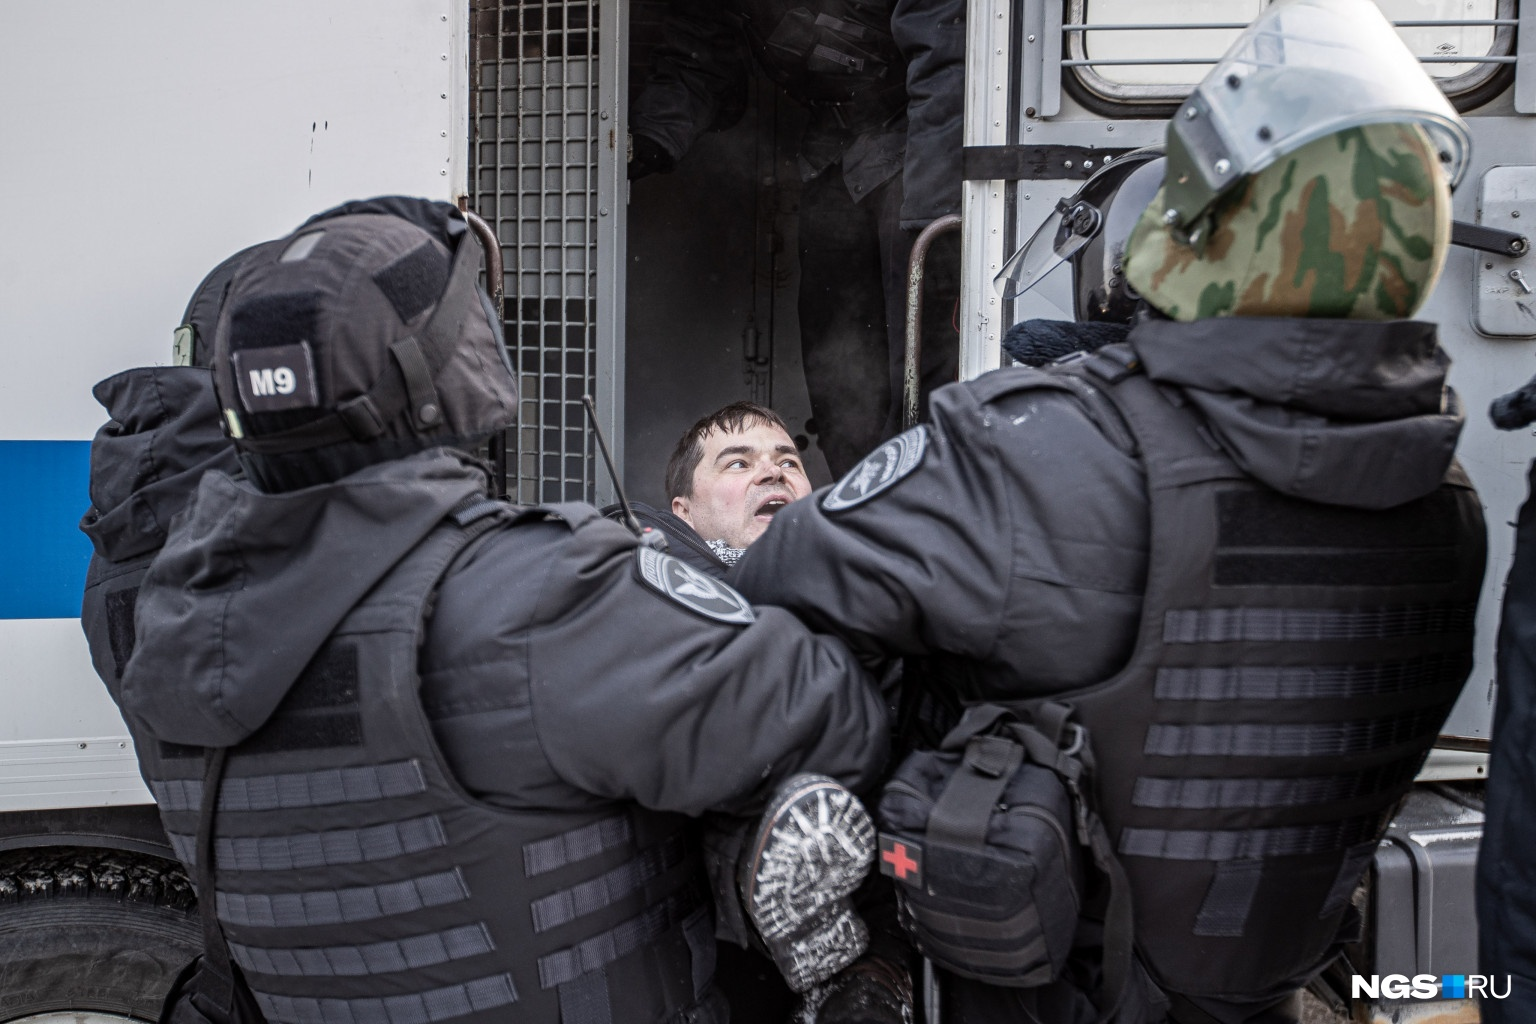 Официальной информации, сколько было задержано людей, до сих пор нет